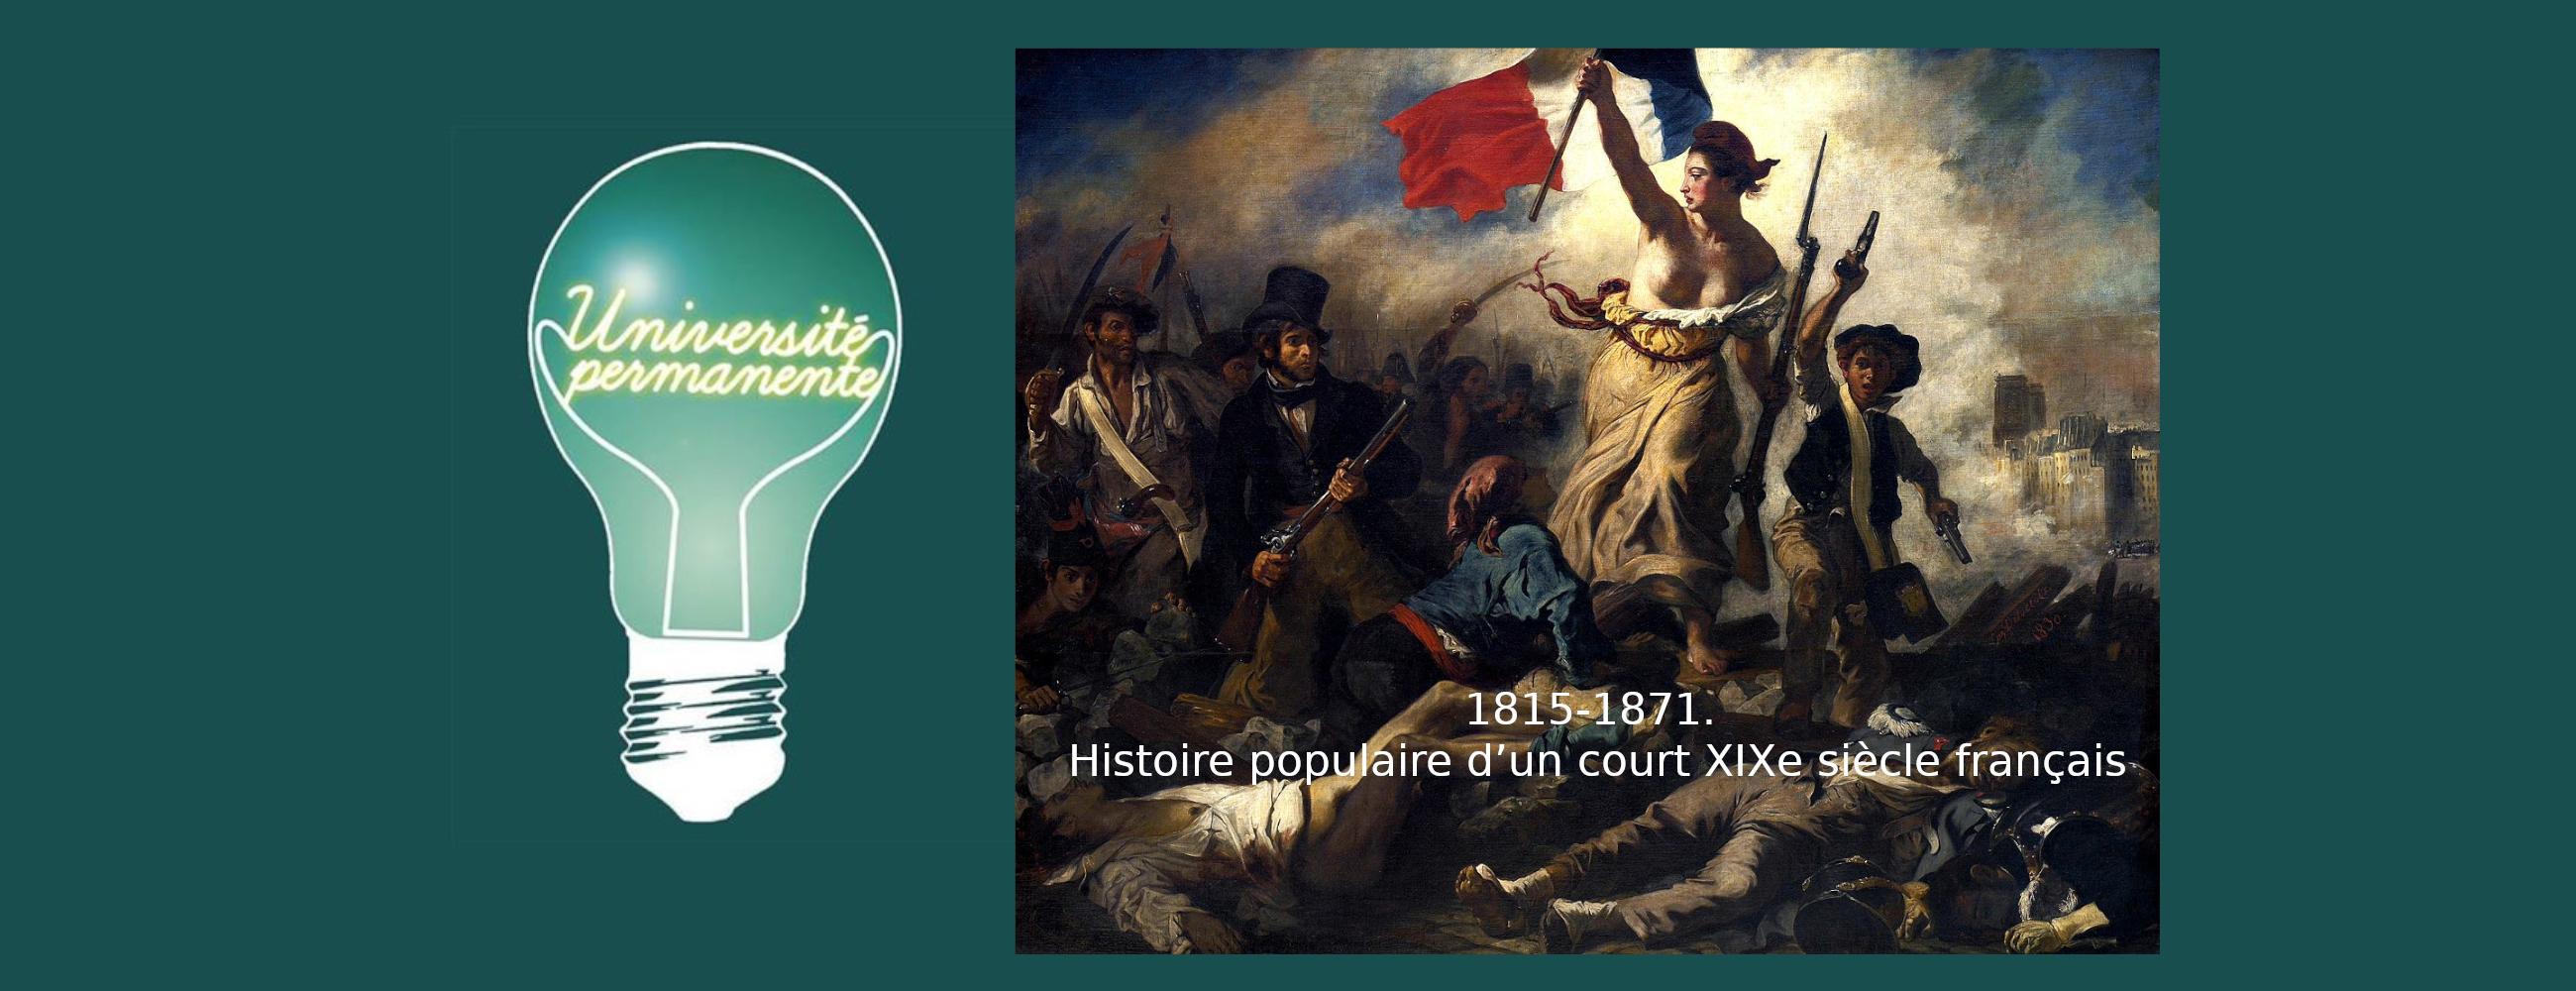 Prochaine séance : La contribution française à la naissance du socialisme et du communisme, avec Stéphanie Roza – 17 mars à 19h